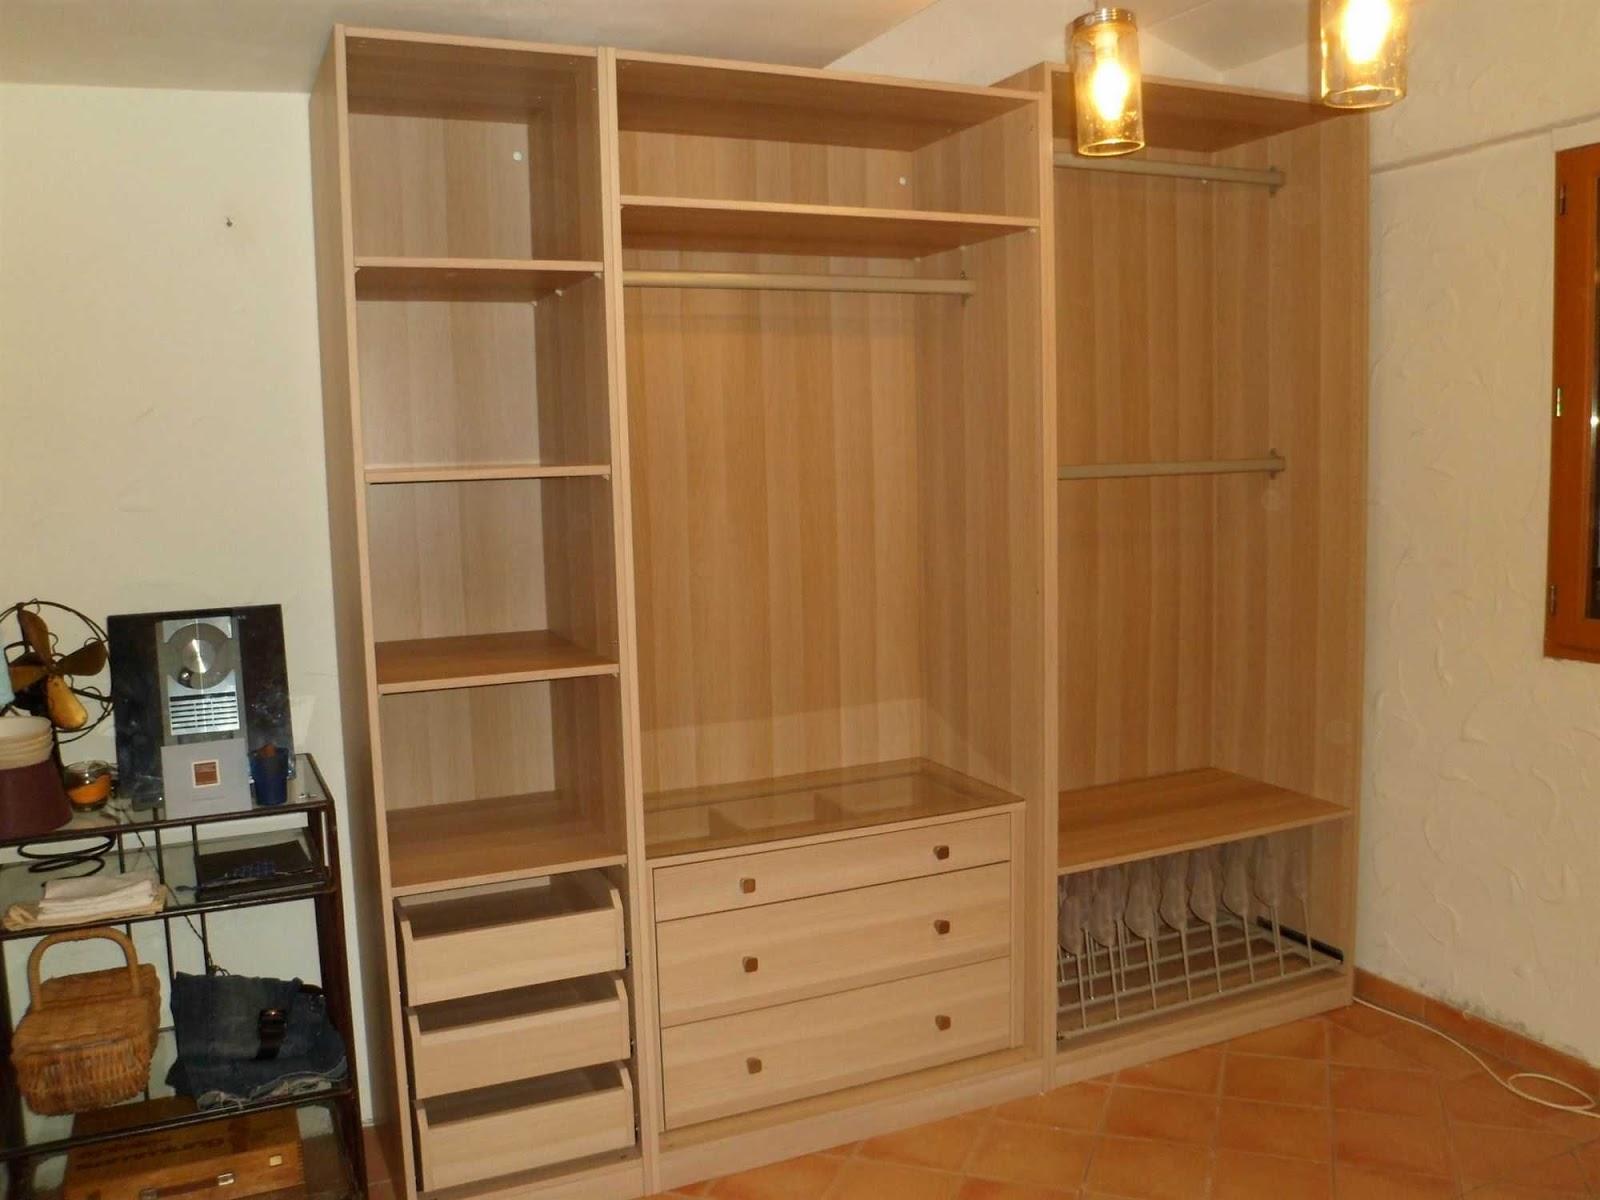 montage de meuble draguignan assemblage de meubles en kit. Black Bedroom Furniture Sets. Home Design Ideas